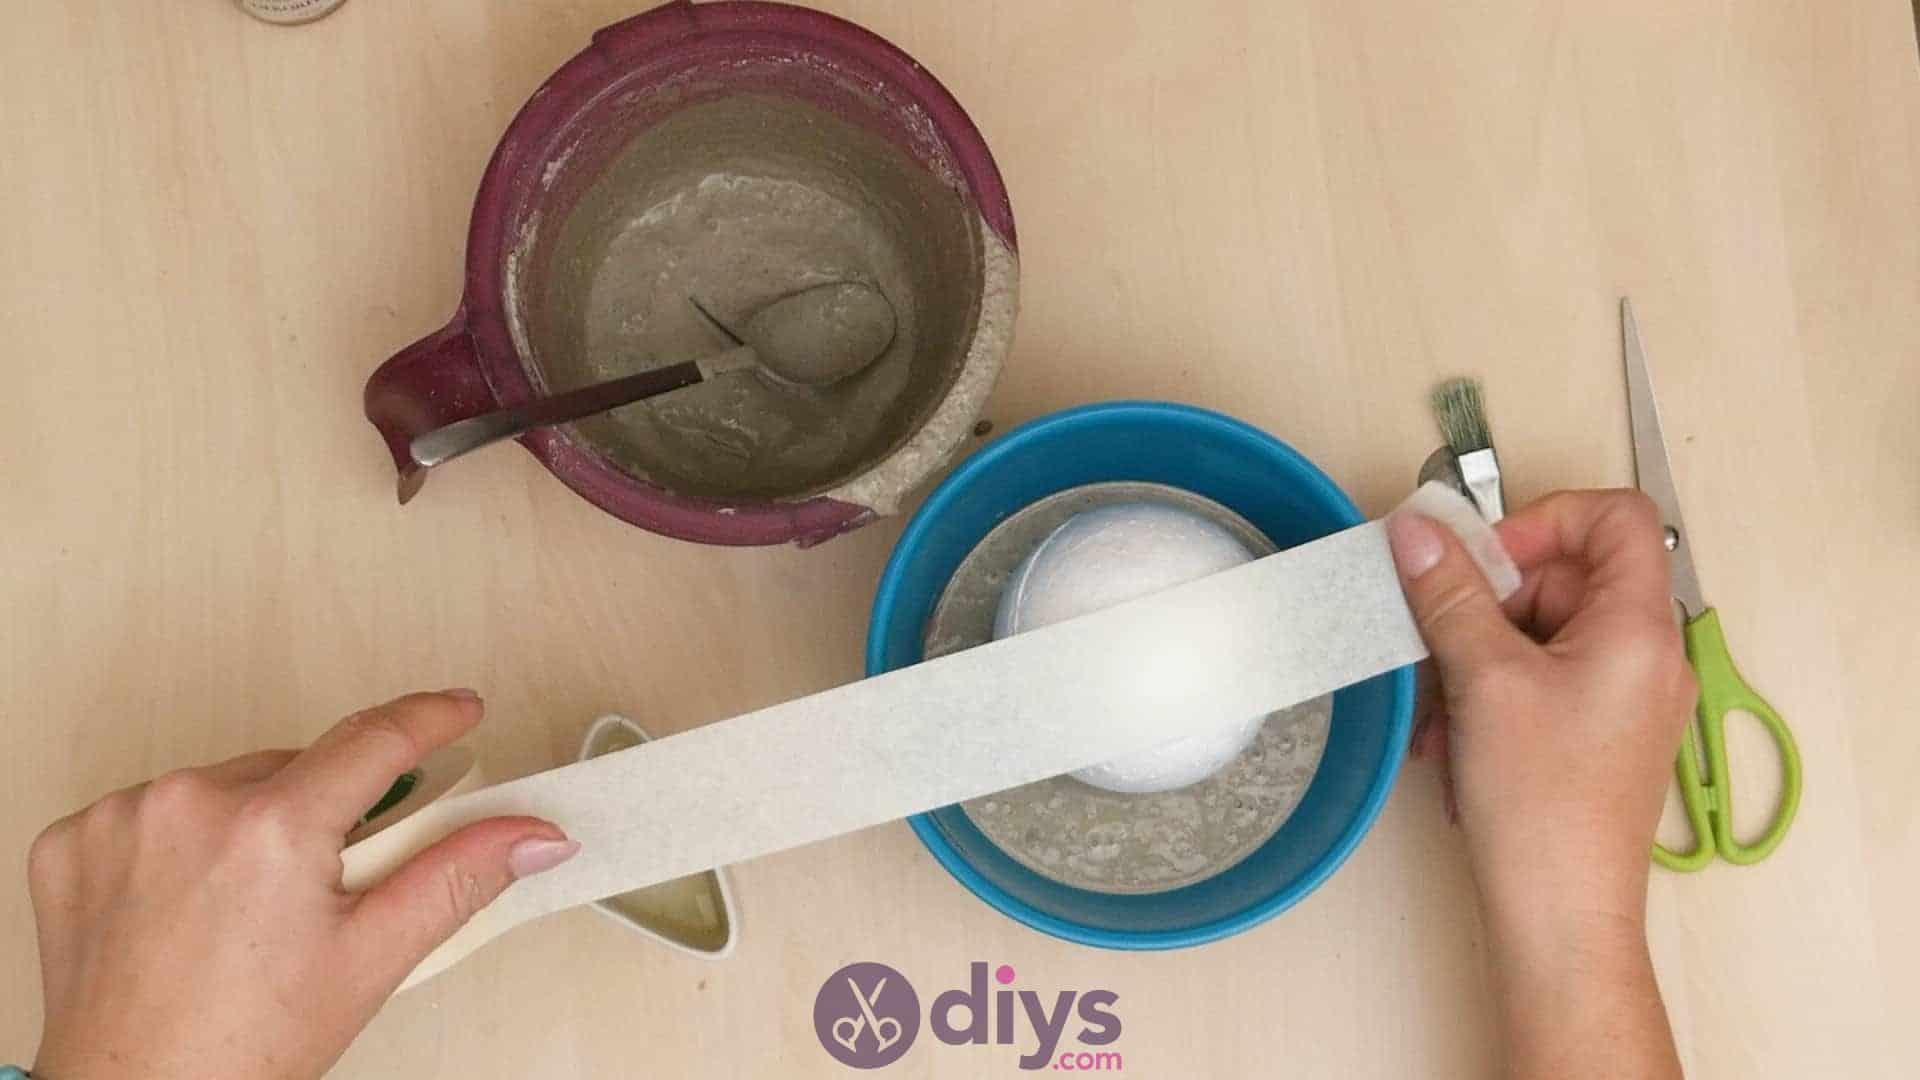 Diy concrete ashtray step 4a